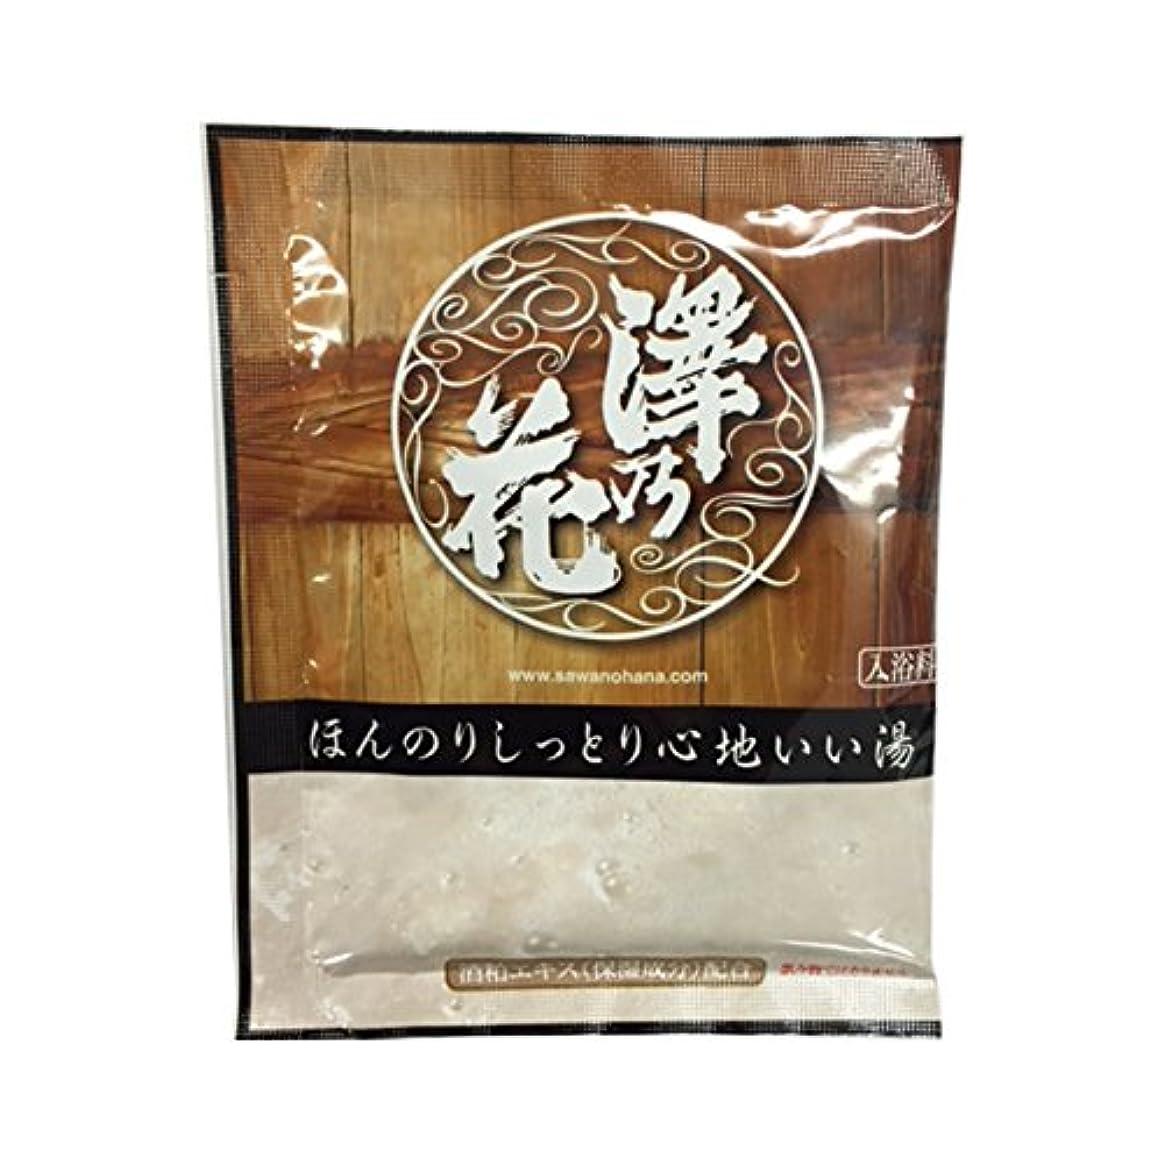 爪ラリーベルモントリクルート日本生化学 澤乃花 酒粕入浴料 25G